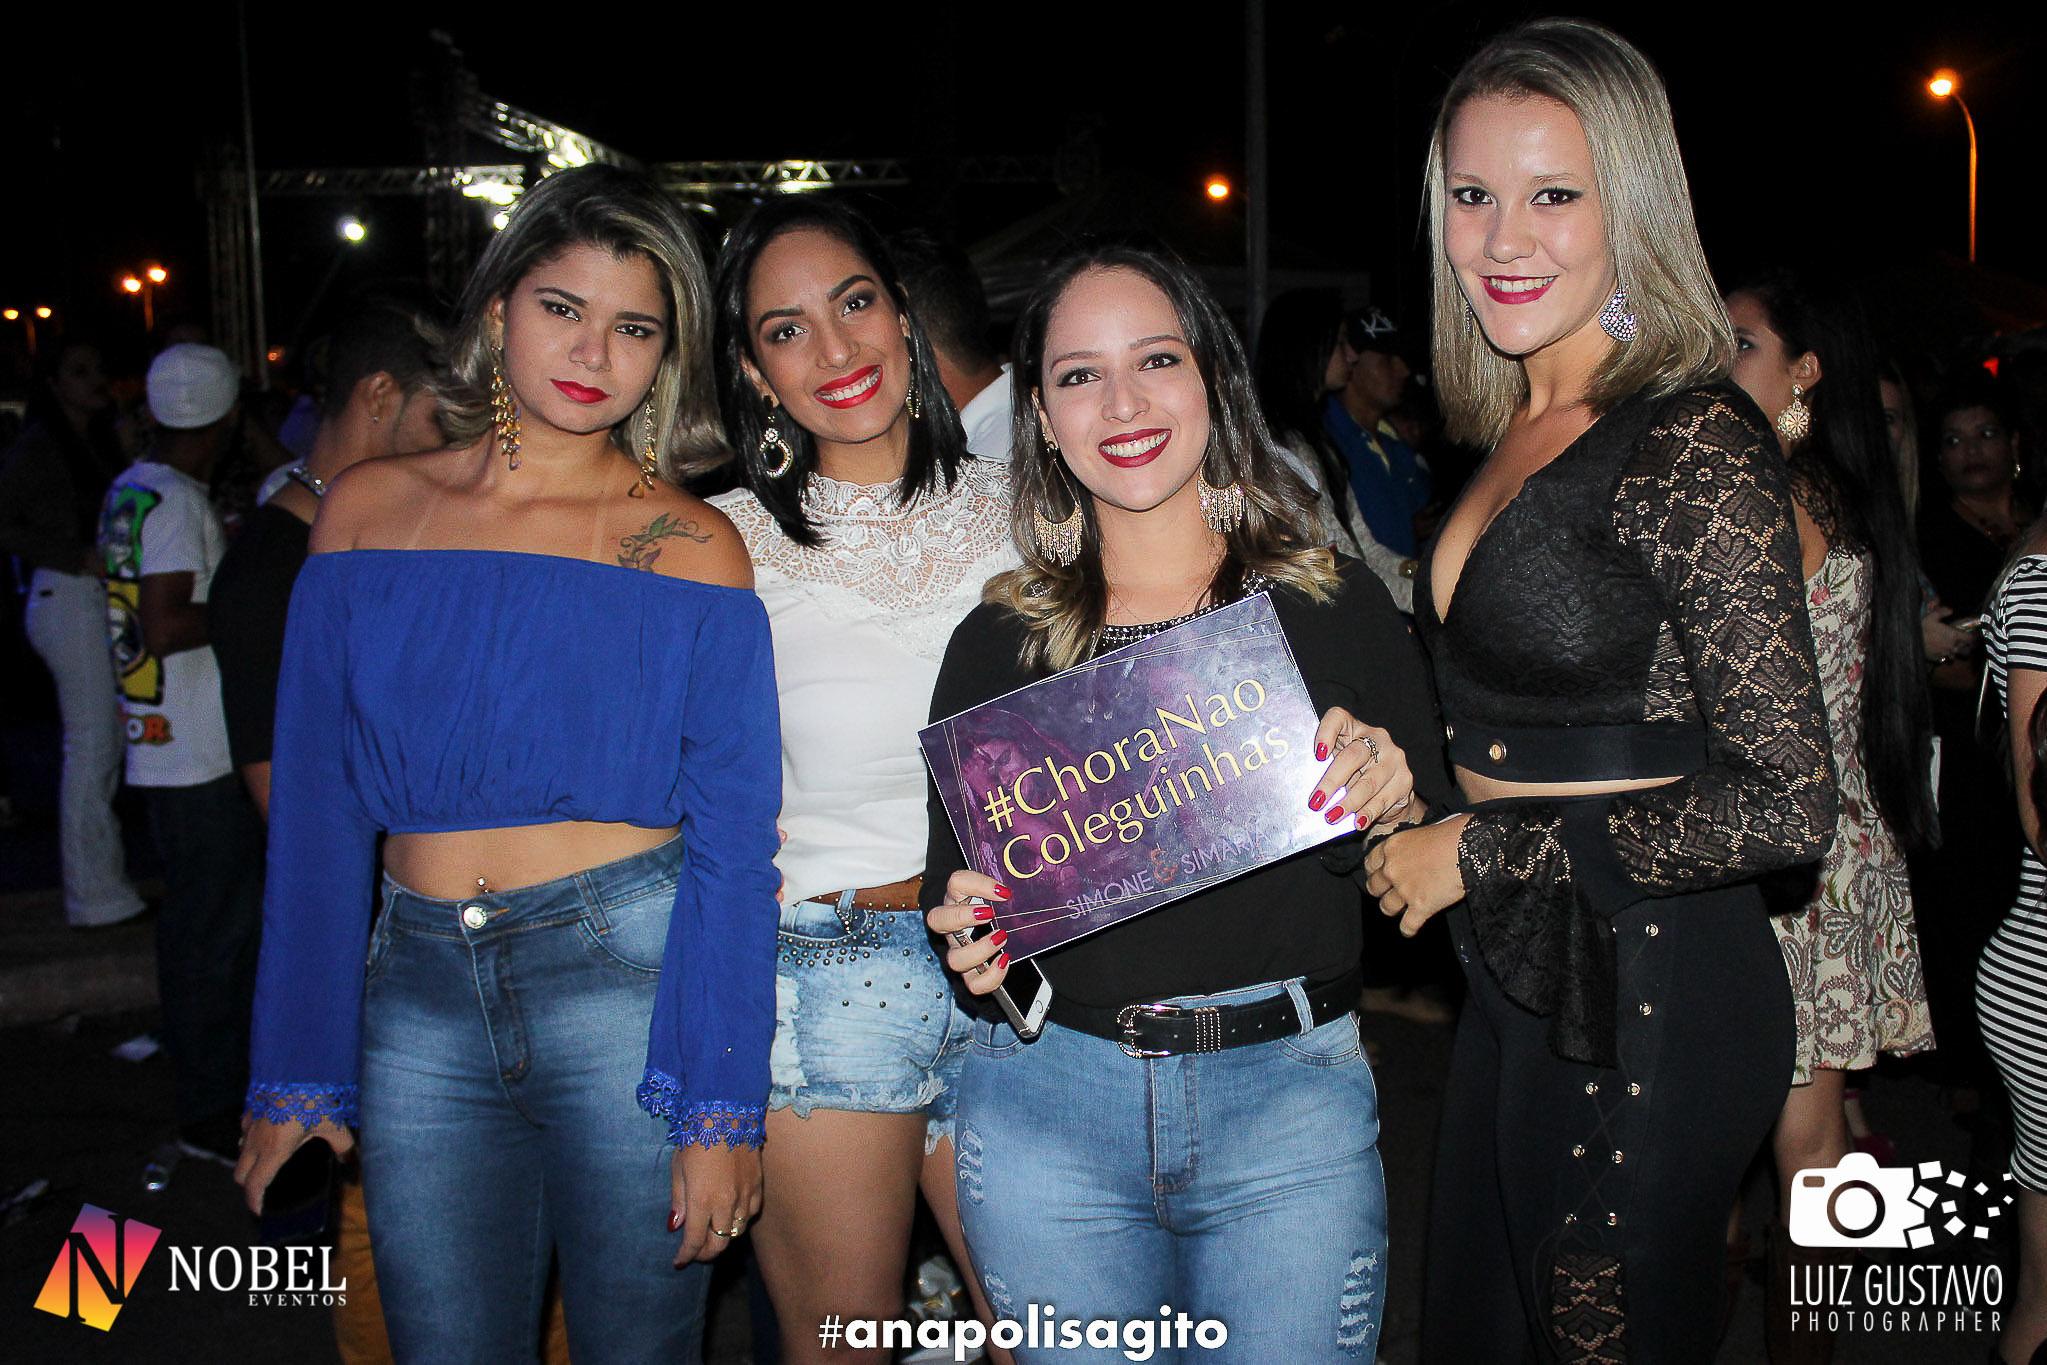 Luiz Gustavo-142